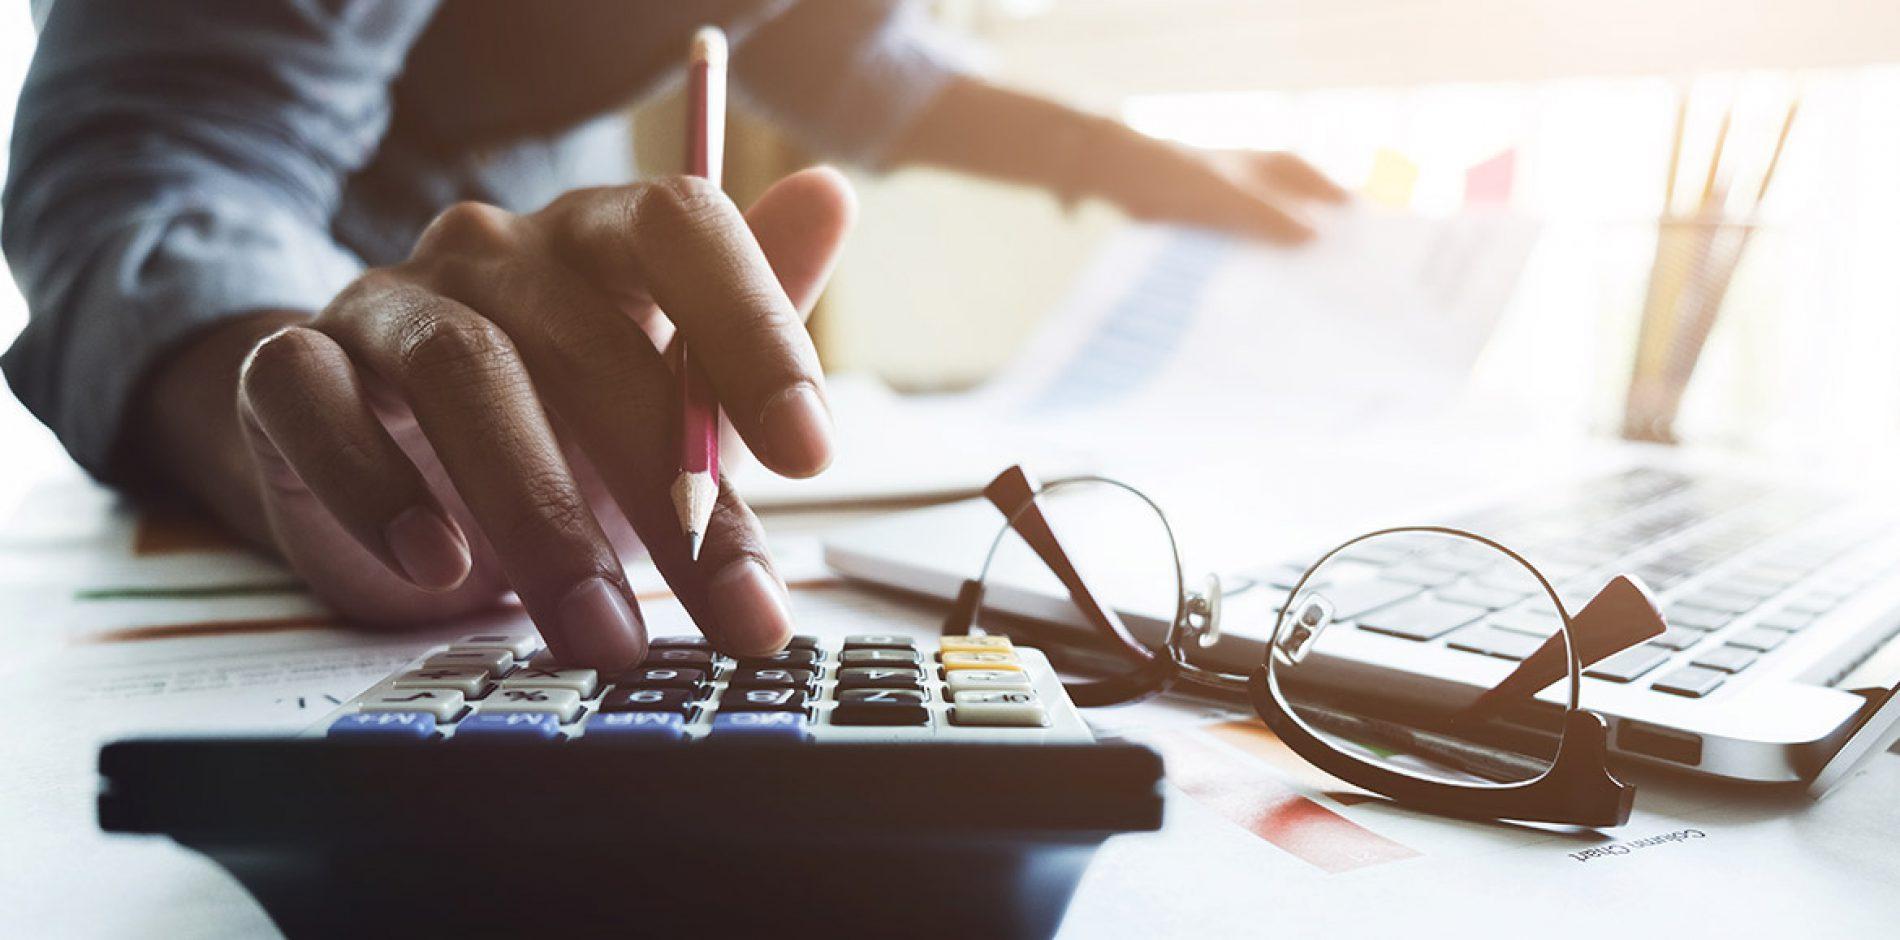 Ritenute fiscali negli appalti: alcuni problemi da risolvere immediatamente [E.Massi]